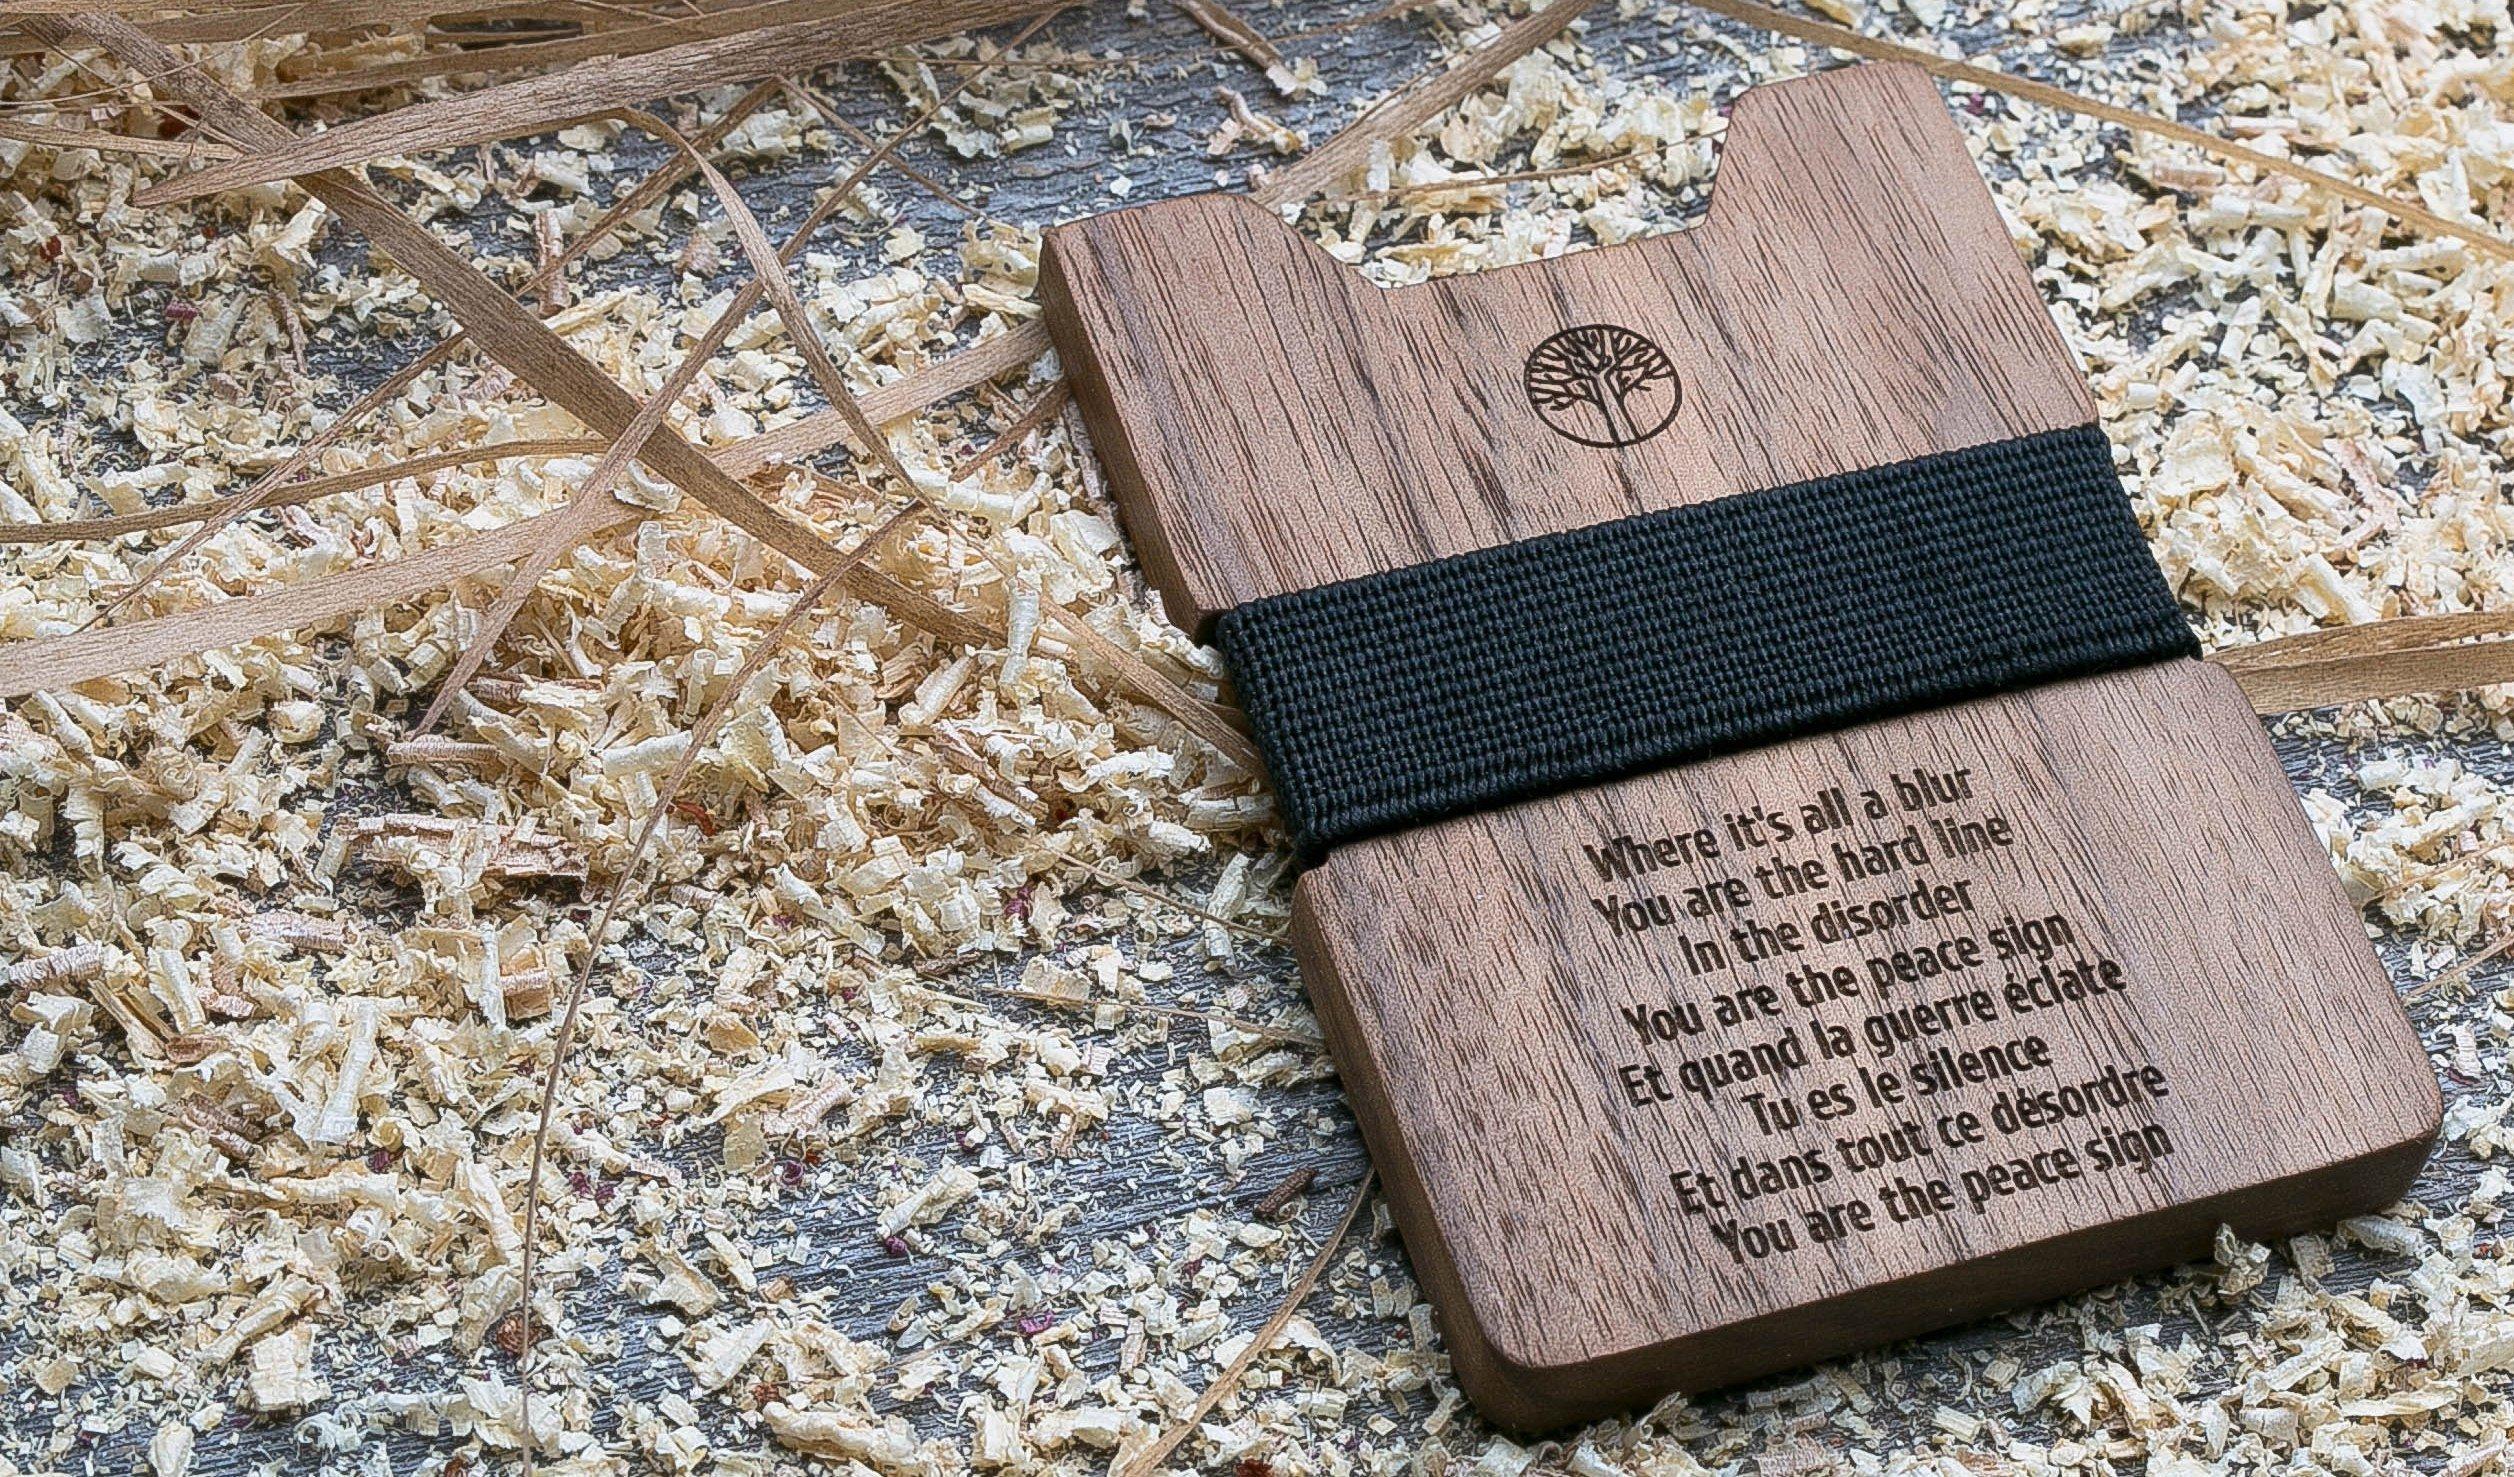 Деревянный кошелек  из палисандра. Горизонтальная загрузка. Для 1-6 пластиковых карт и купюр. Поддержка Apple Pay. Гравировка имени или логотипа. Бизнес сувенир. Подарок другу. Именной кошелек